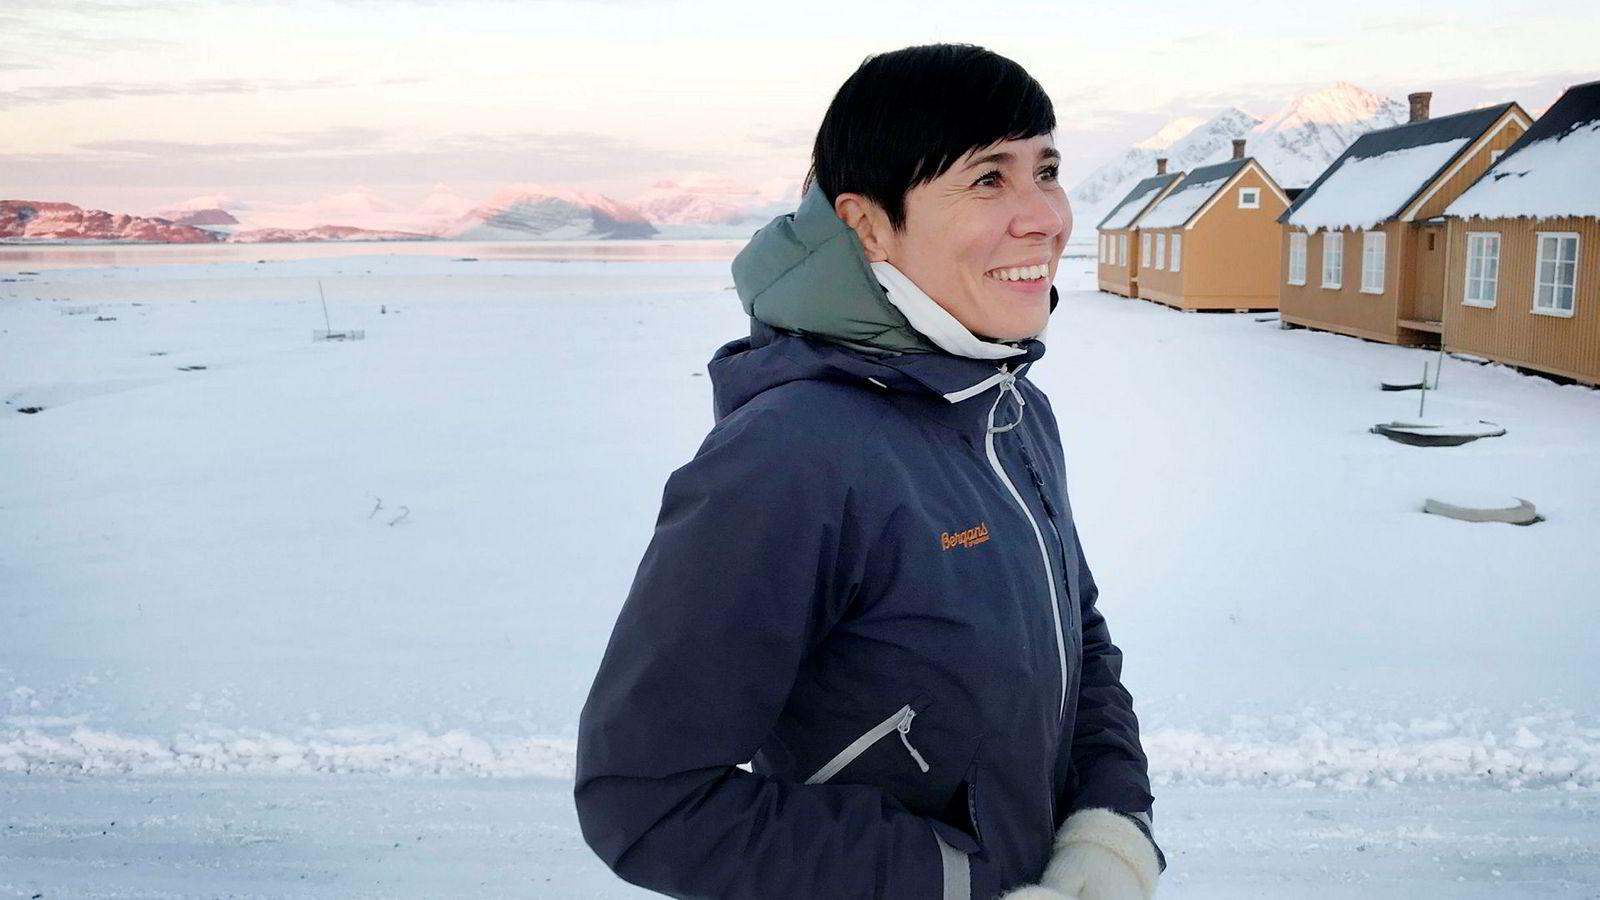 Utenriksminister Ine Eriksen Søreide var denne uken vert for blant annet klimaforskere, investorer og bankfolk på symposium i Ny-Ålesund på Svalbard om klima og finansiell risiko.